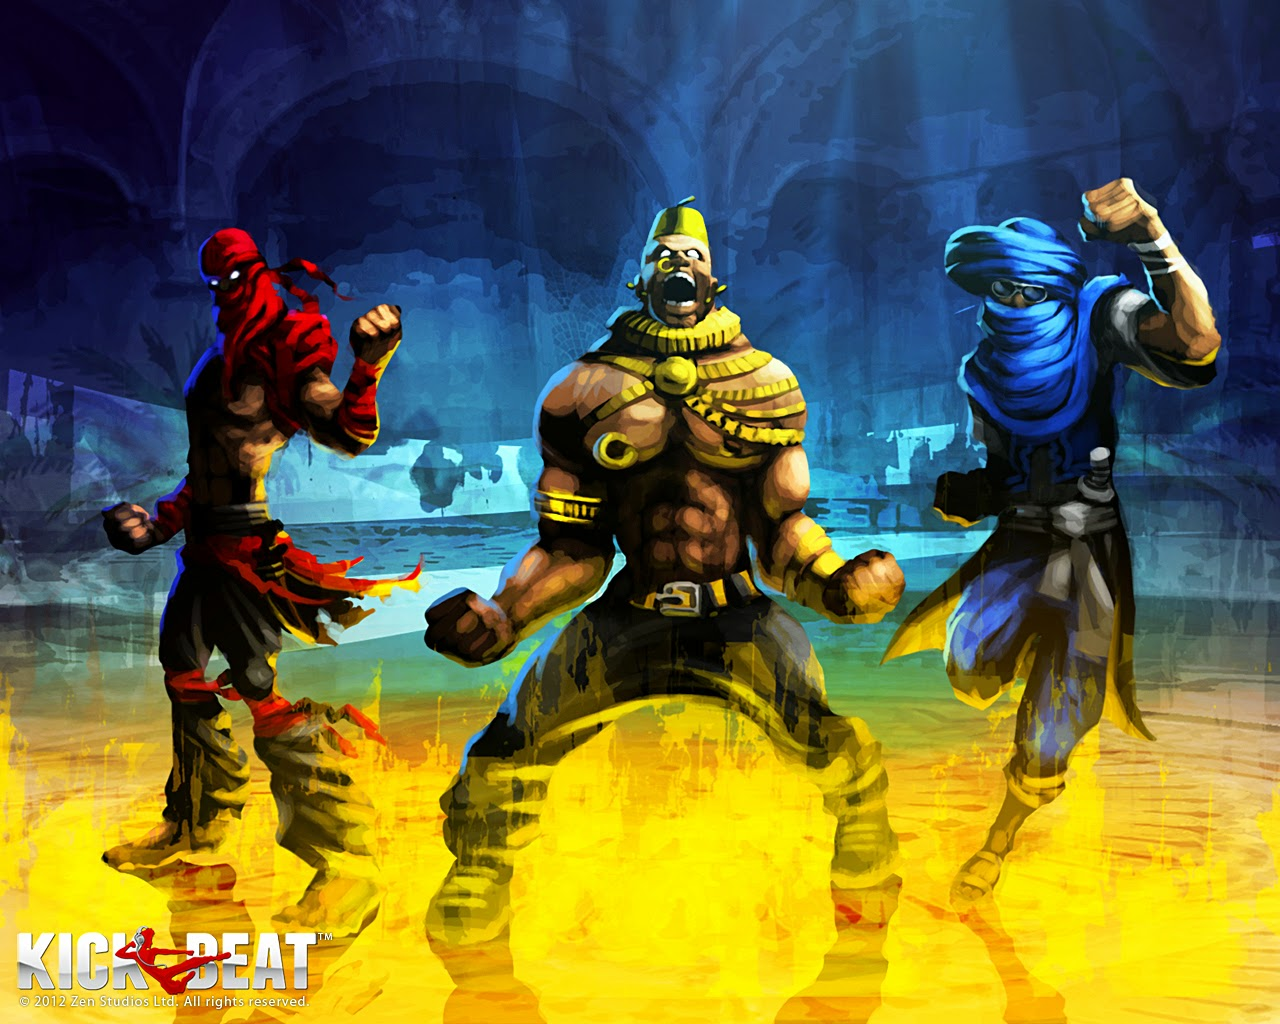 Loạt hình nền tuyệt đẹp của game âm nhạc KickBeat - Ảnh 10